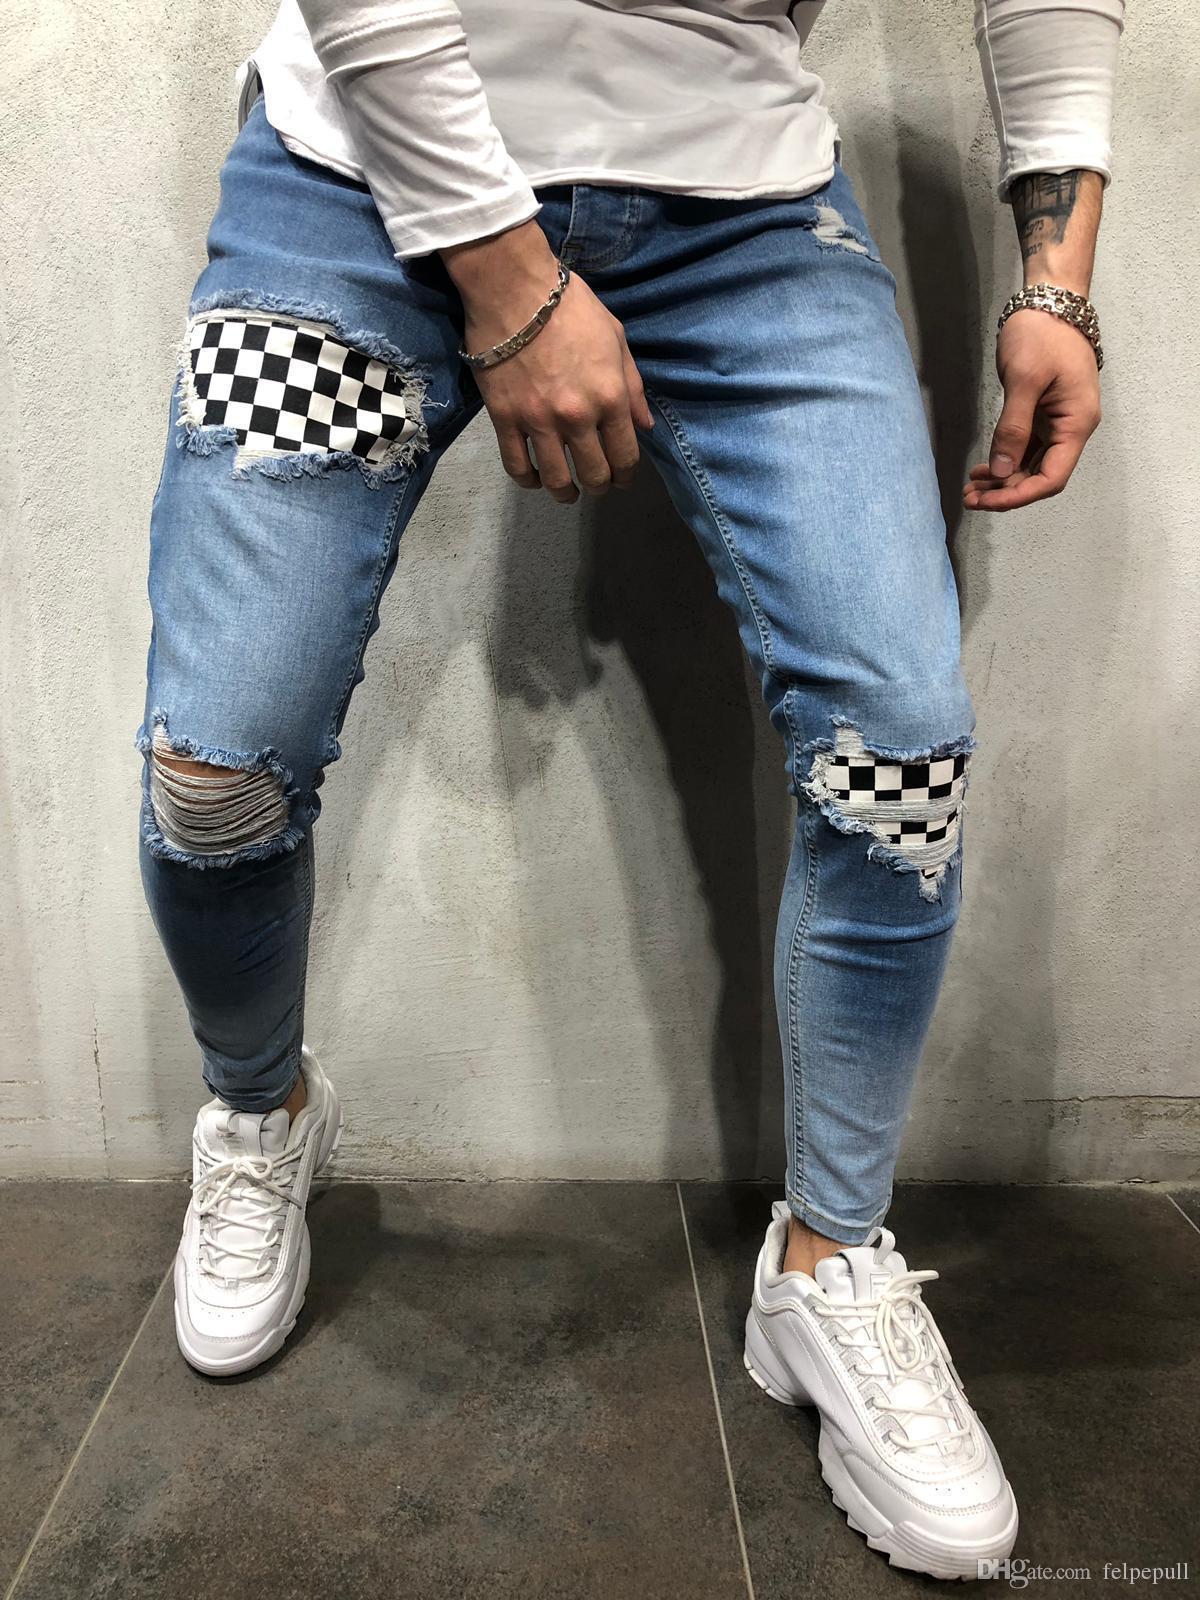 Hommes Jeans Crayon Trous de genou Designer Printemps Automne Pantalones rue Planche à roulettes de pantalon de crayon